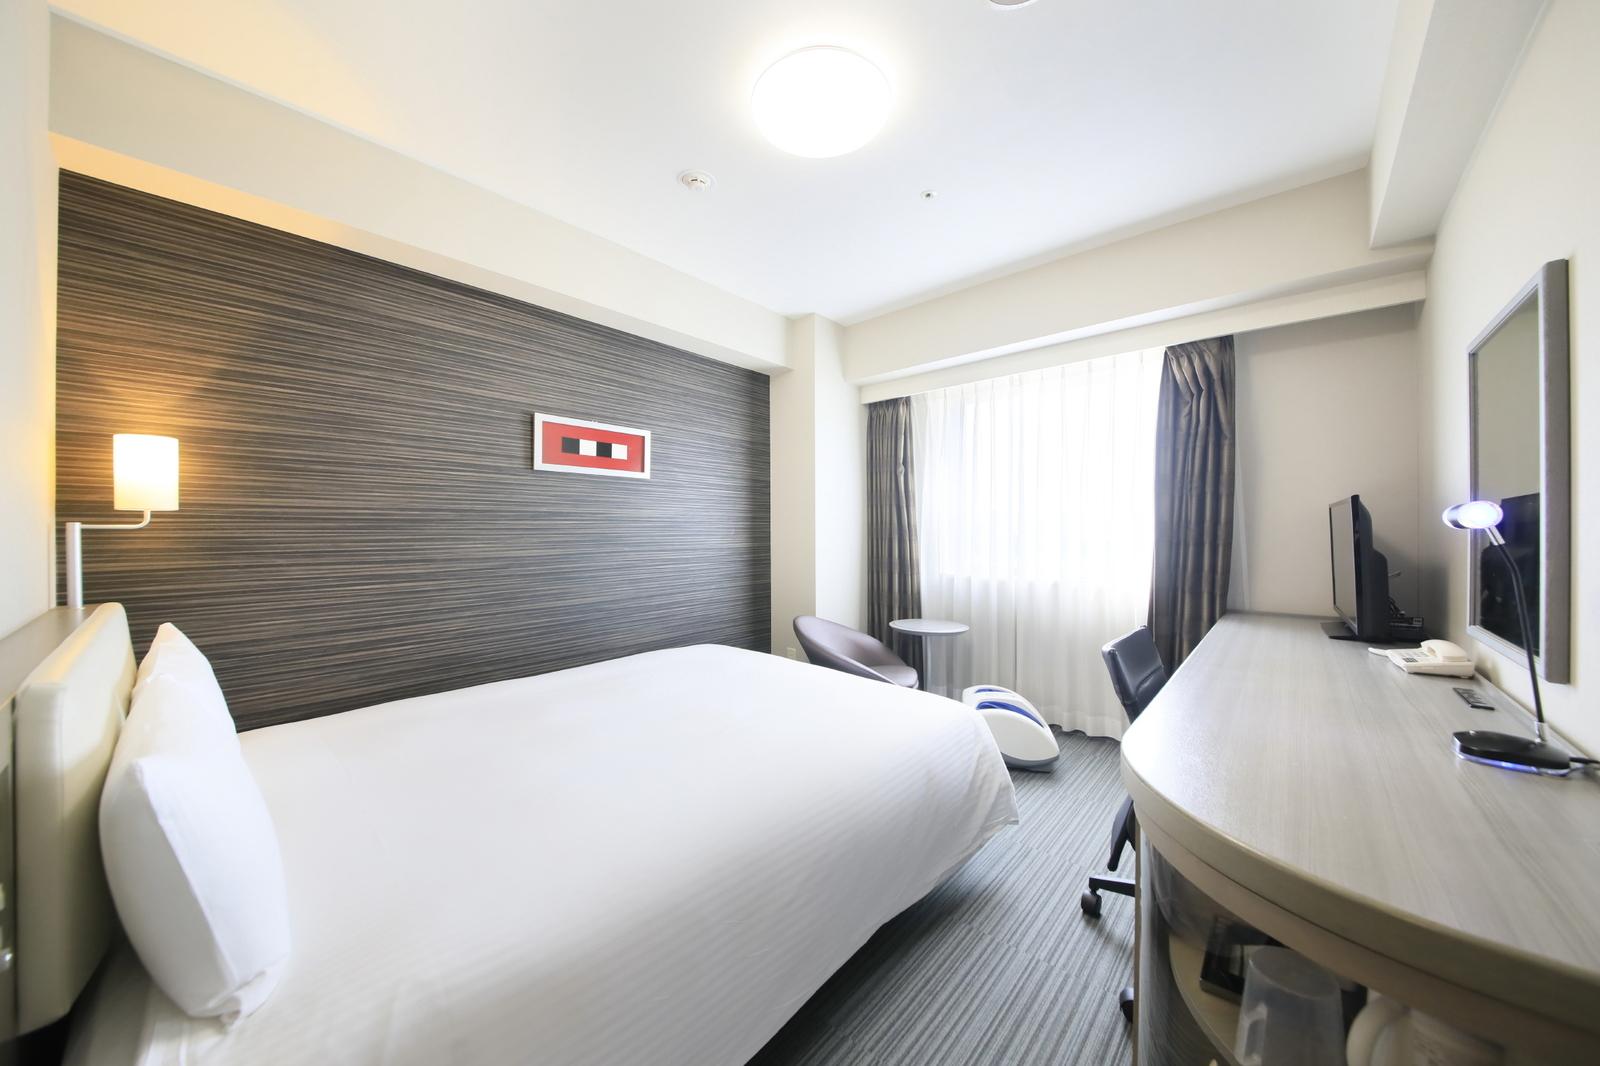 ダイワロイネットホテル東京大崎 / 【禁煙】レディースルーム